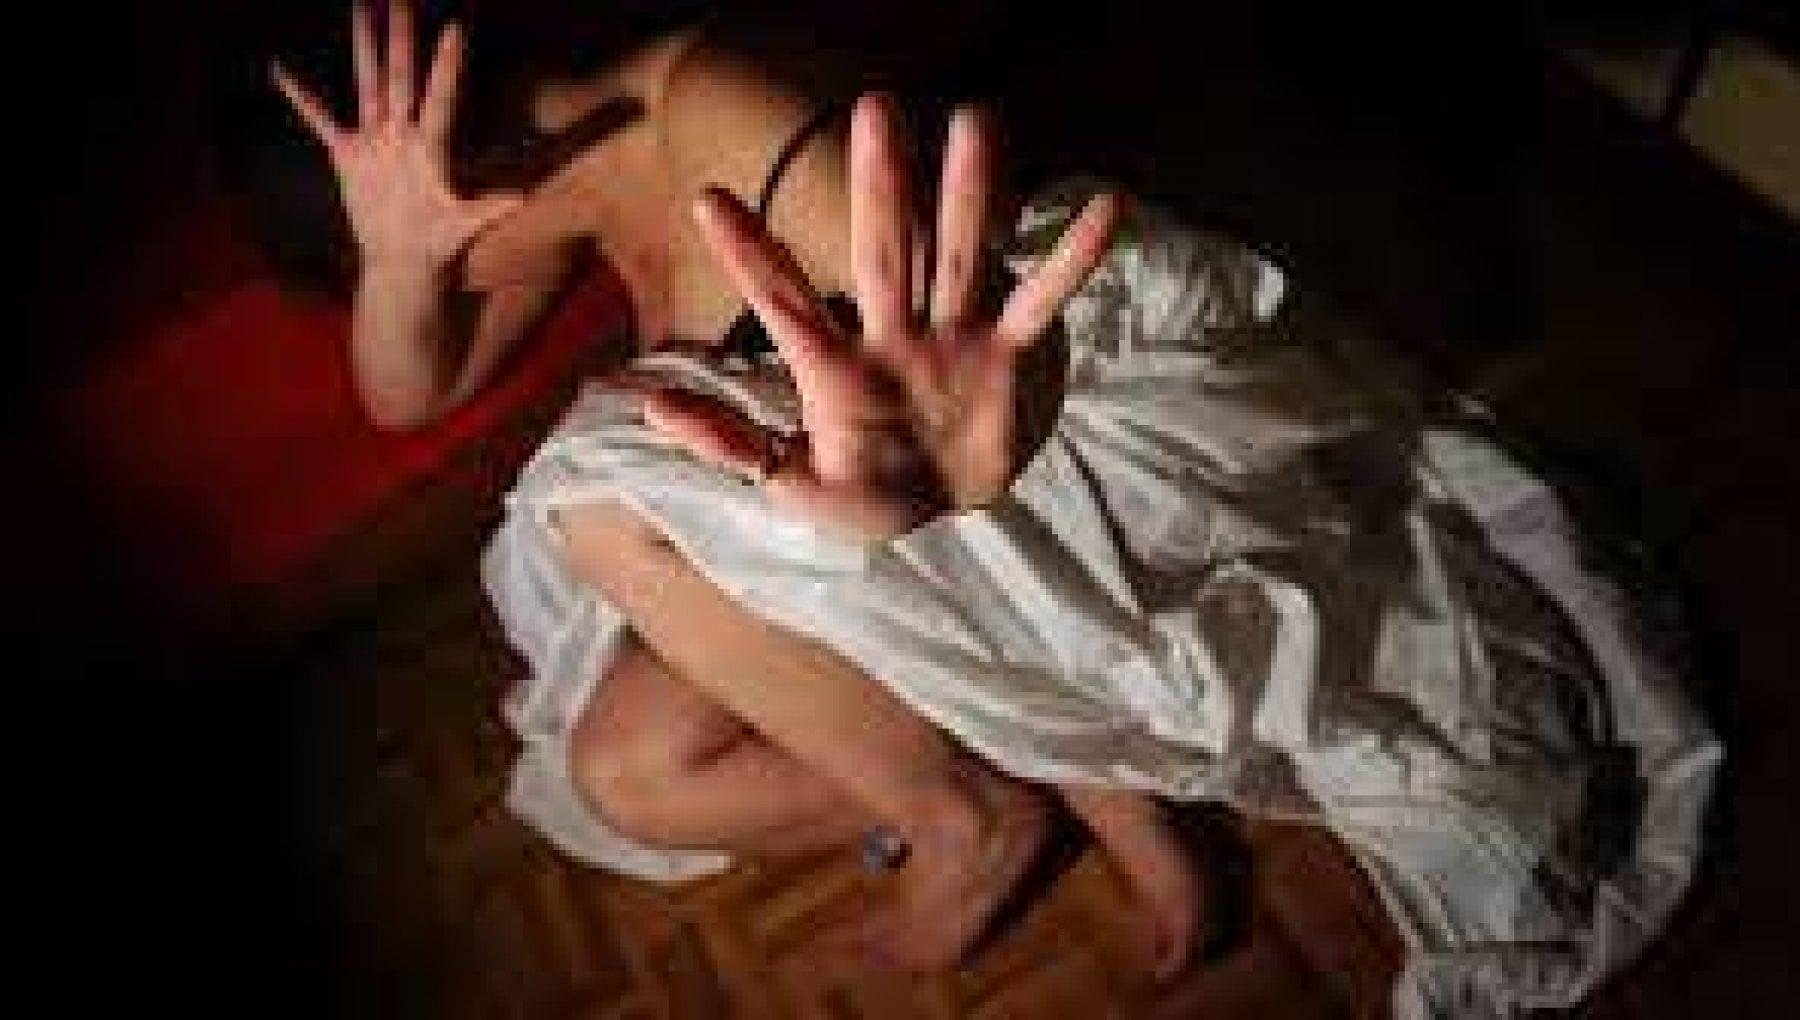 """212614674 ecb80258 f259 4dfc 86d0 5dca5d97445f - """"Ho affrontato gli stupratori di mia figlia, piagnucolavano chiusi in bagno"""""""